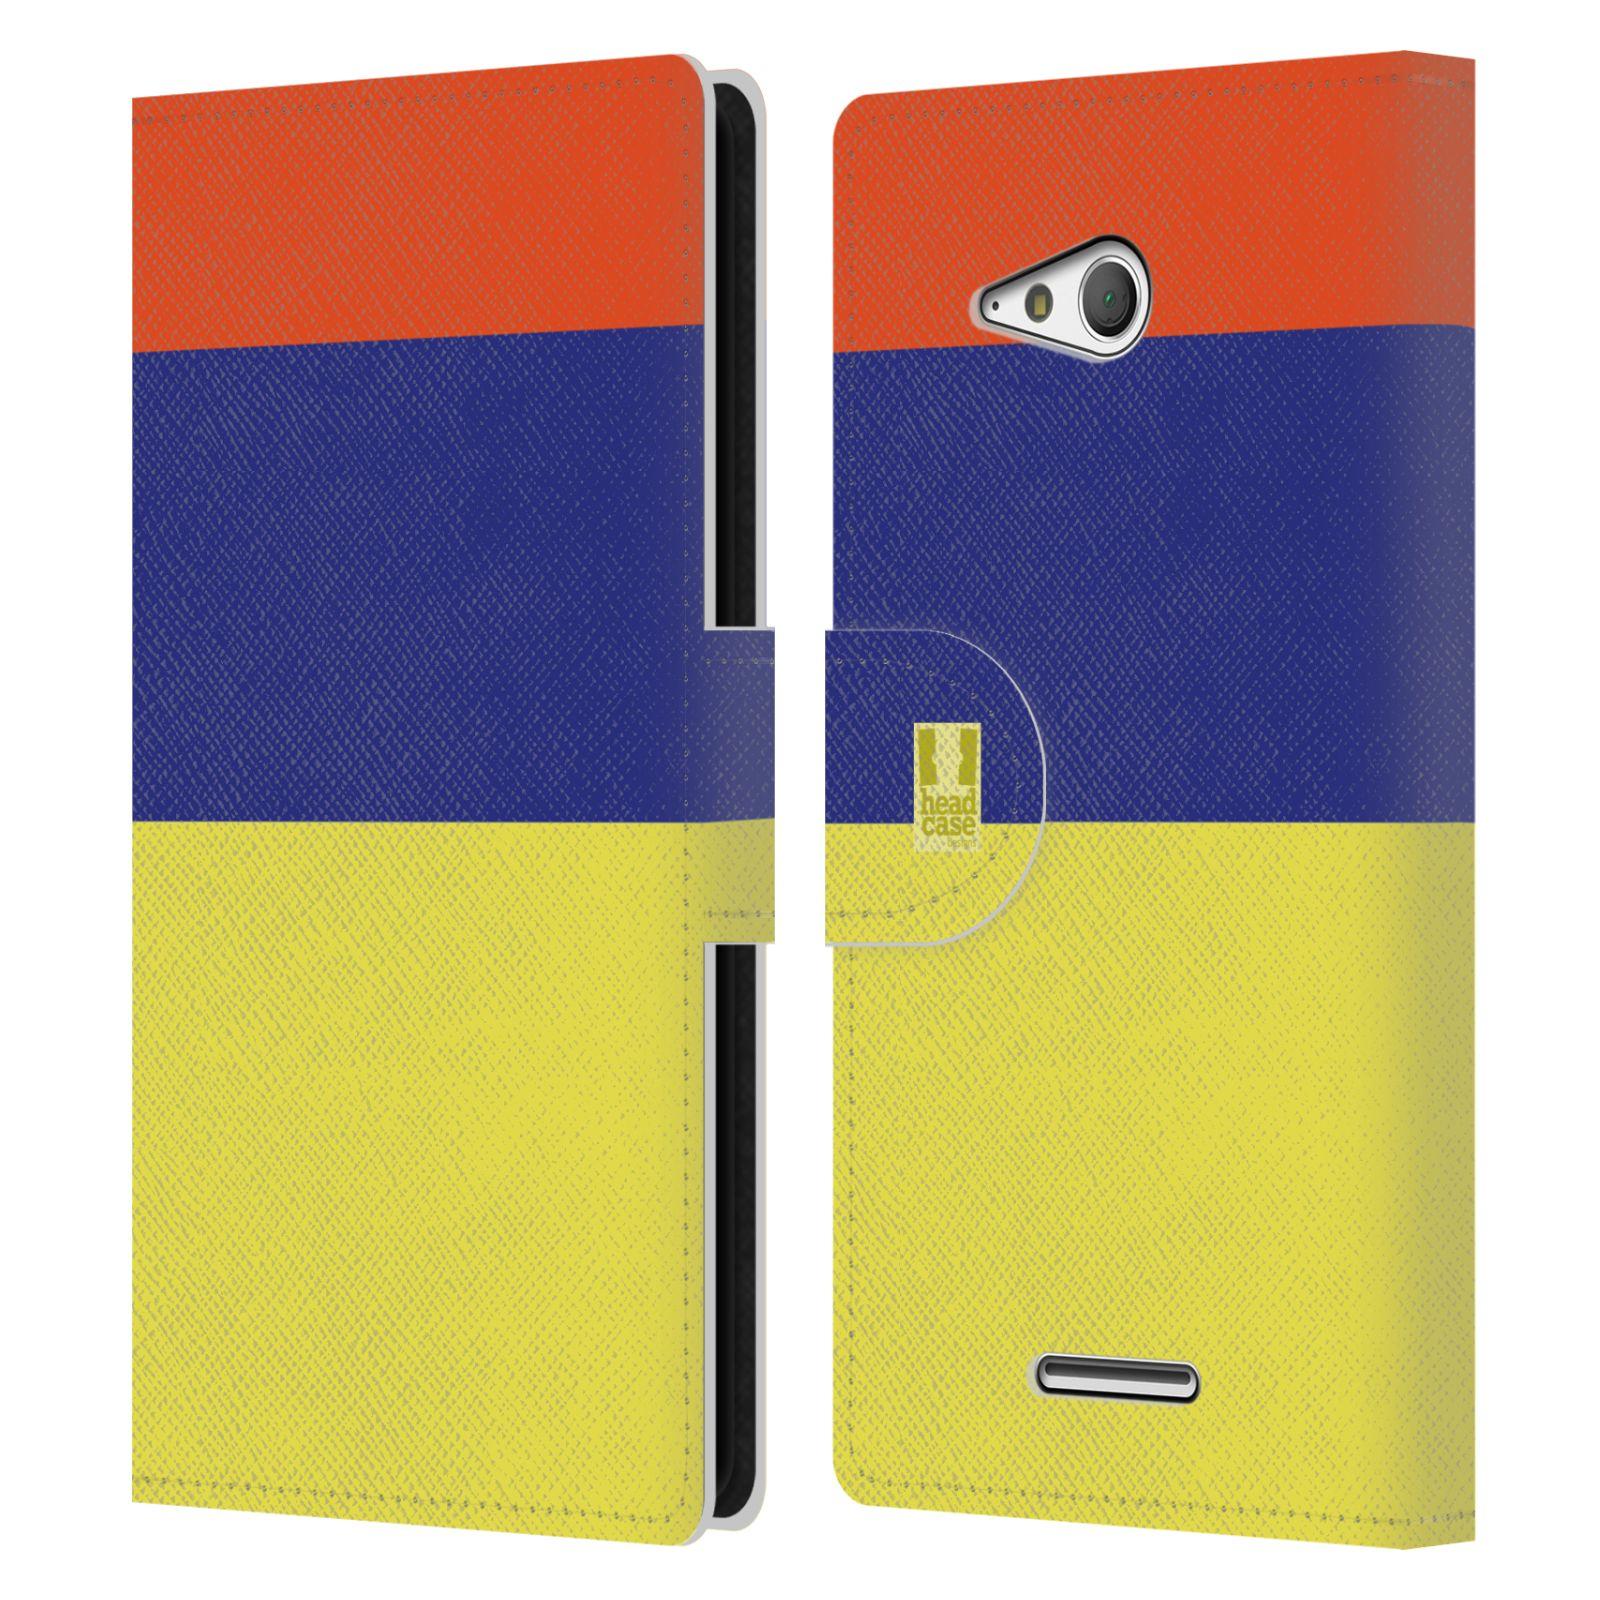 HEAD CASE Flipové pouzdro pro mobil SONY Xperia E4g barevné tvary žlutá, modrá, červená